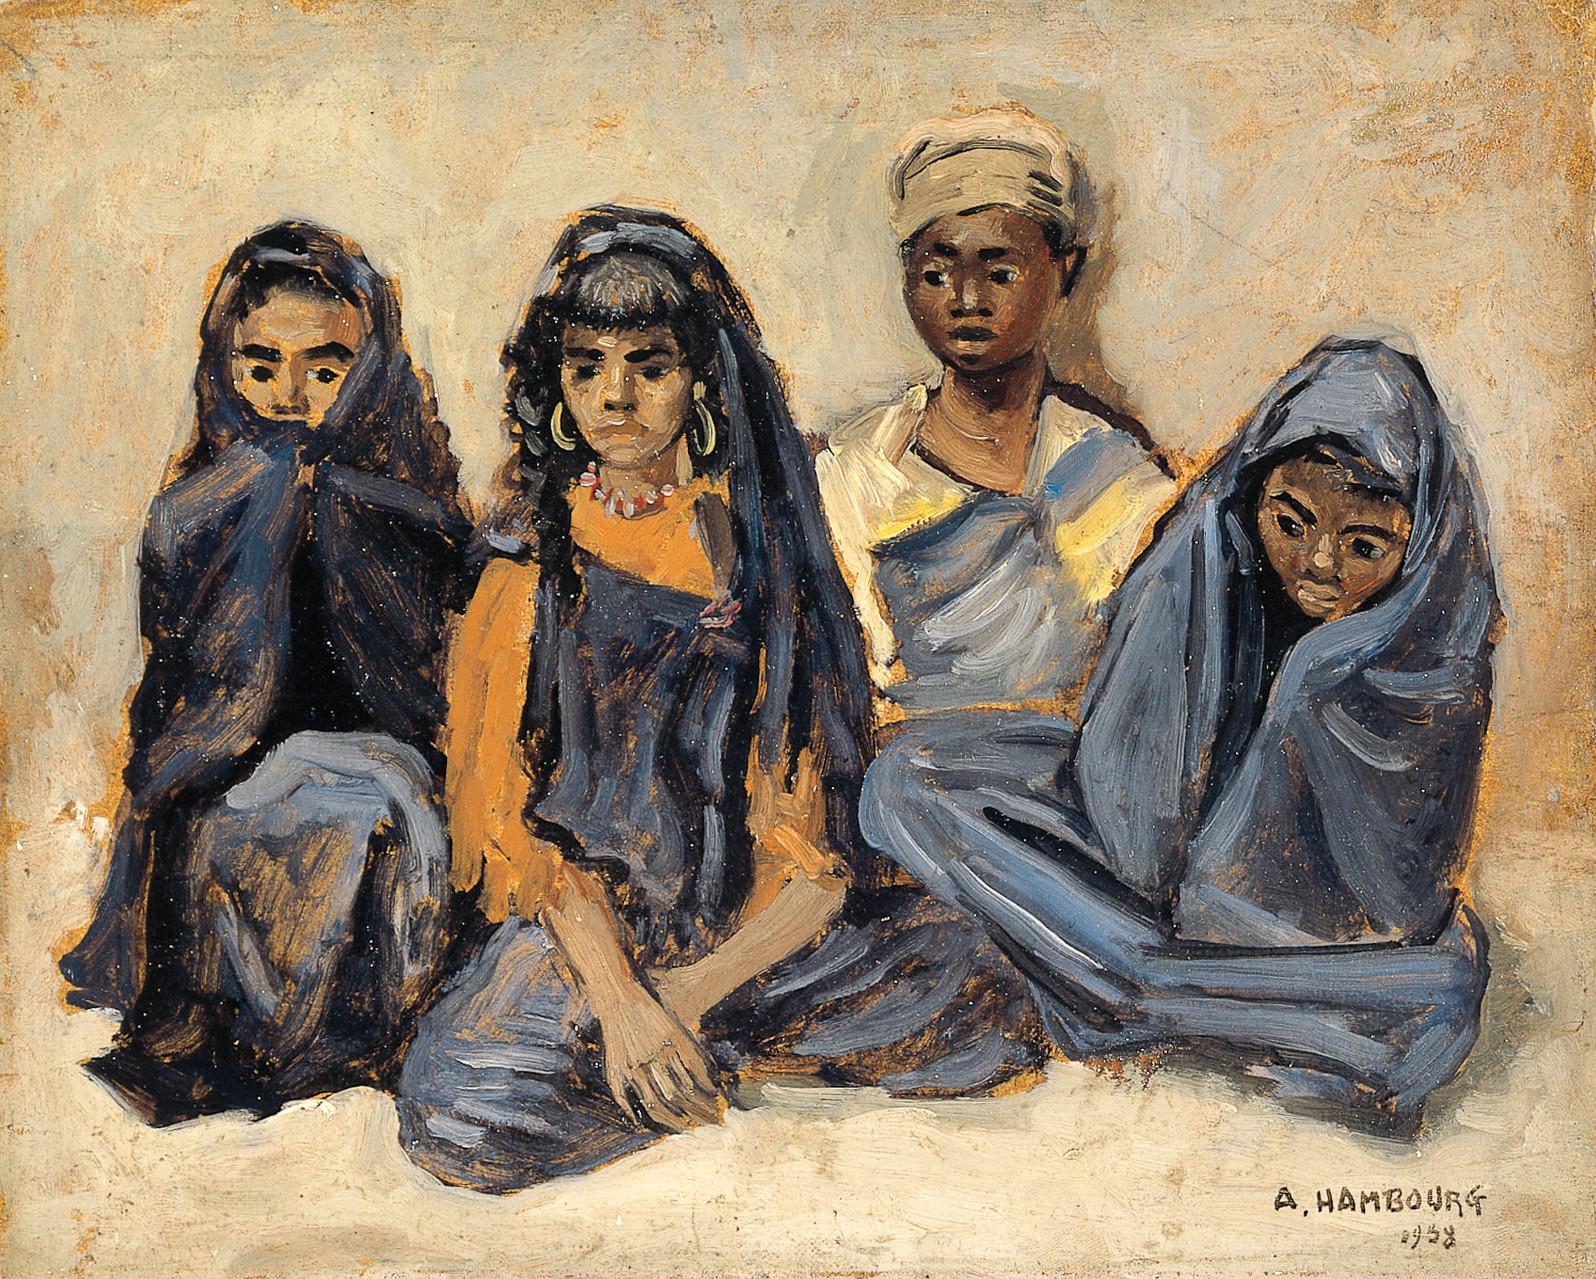 «Les enfants d'Erfoud» 1938, 22cmx27cm, MG 91